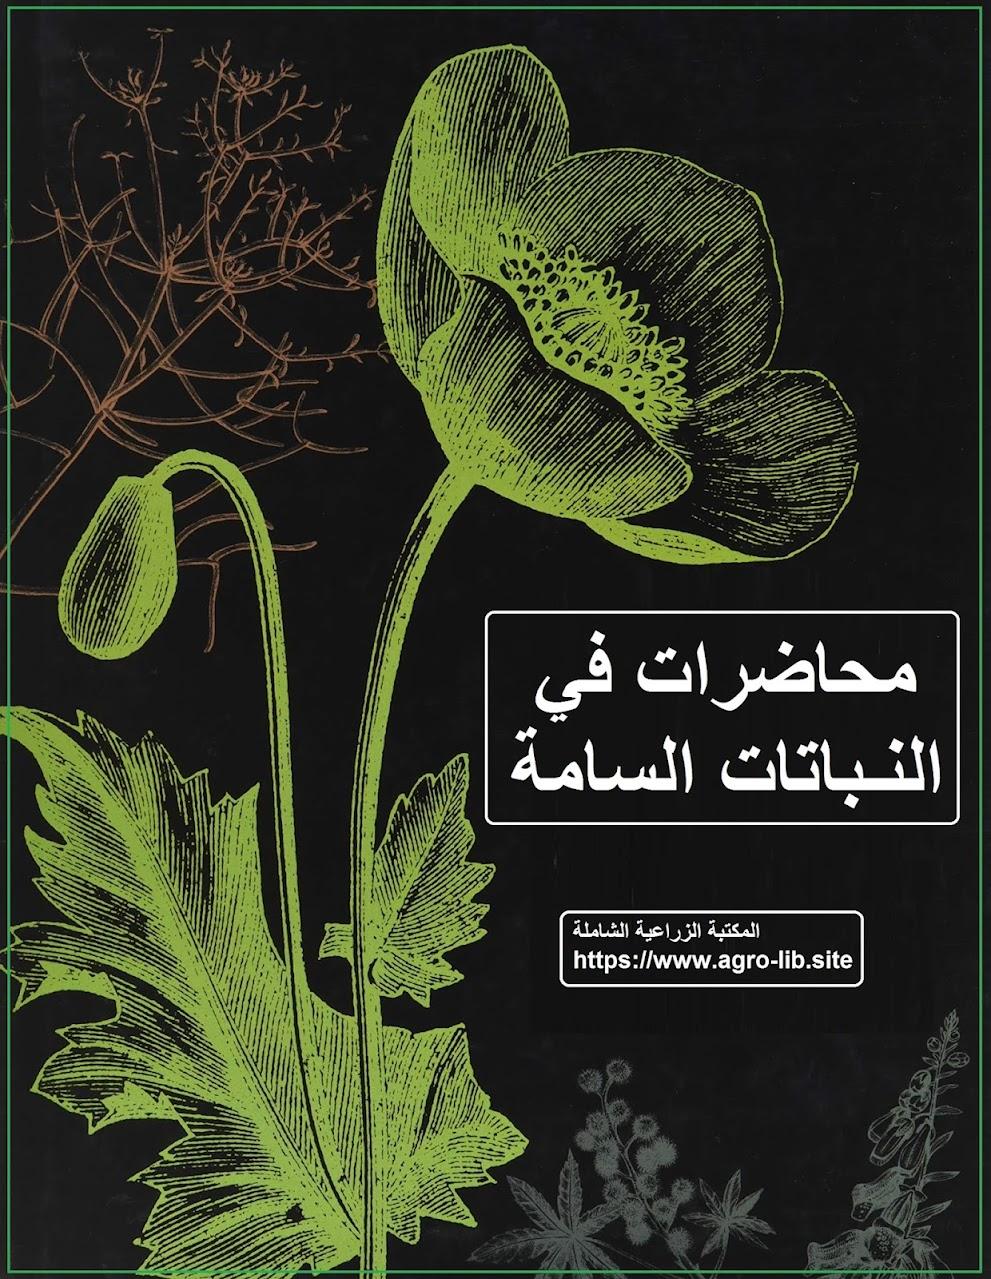 كتاب : محاضرات في النباتات السامة